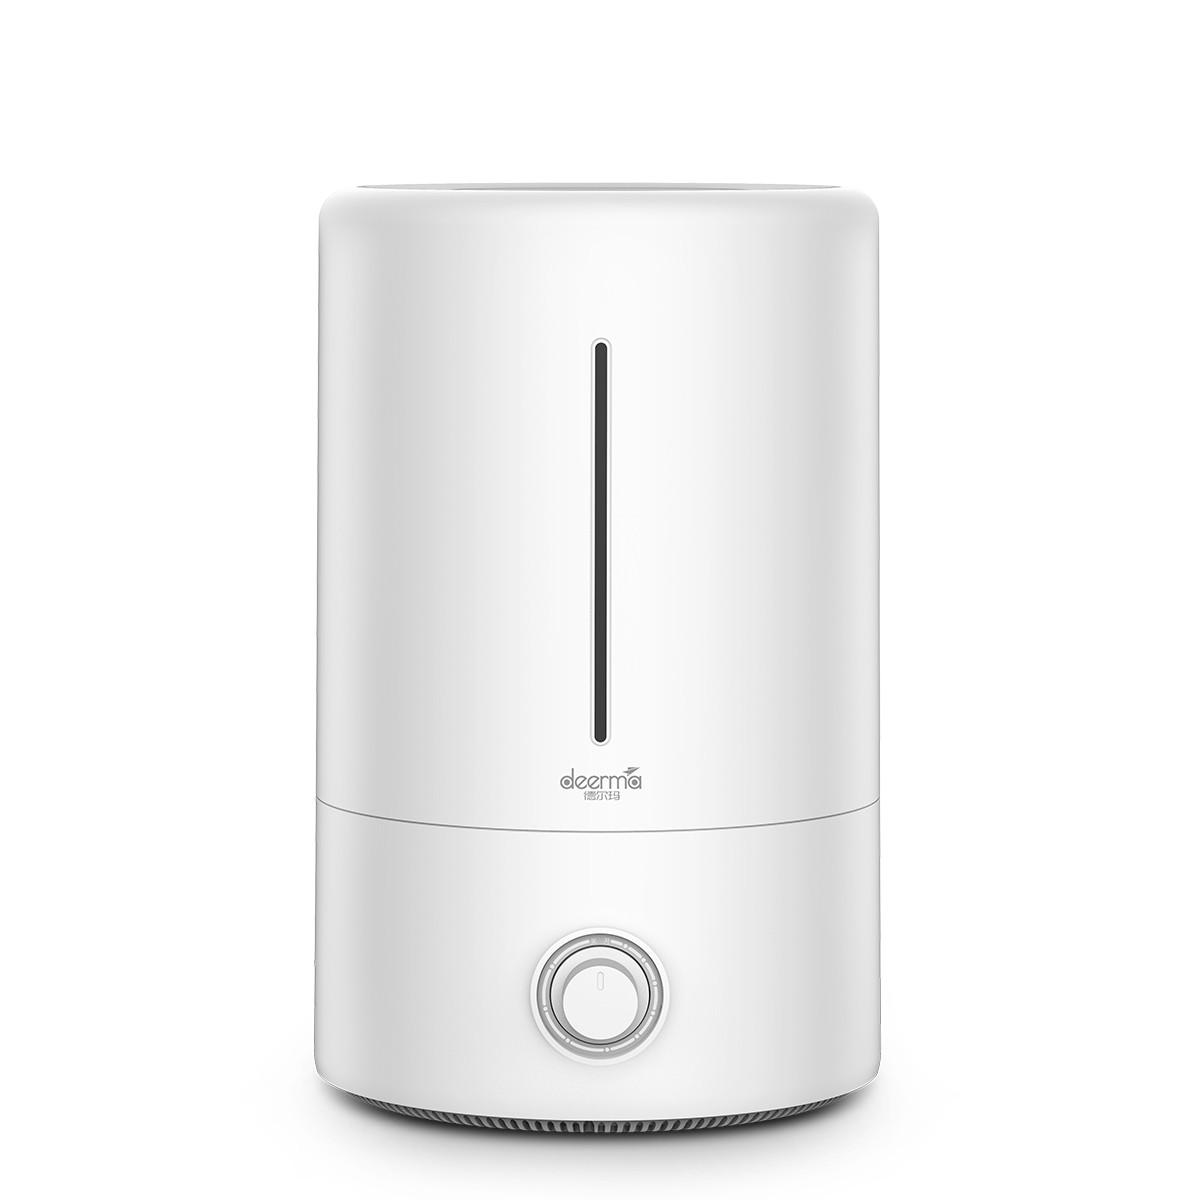 德尔玛德尔玛 卧室空气加湿器家用 5L大容量空调加湿机 湿化器DEM-F628